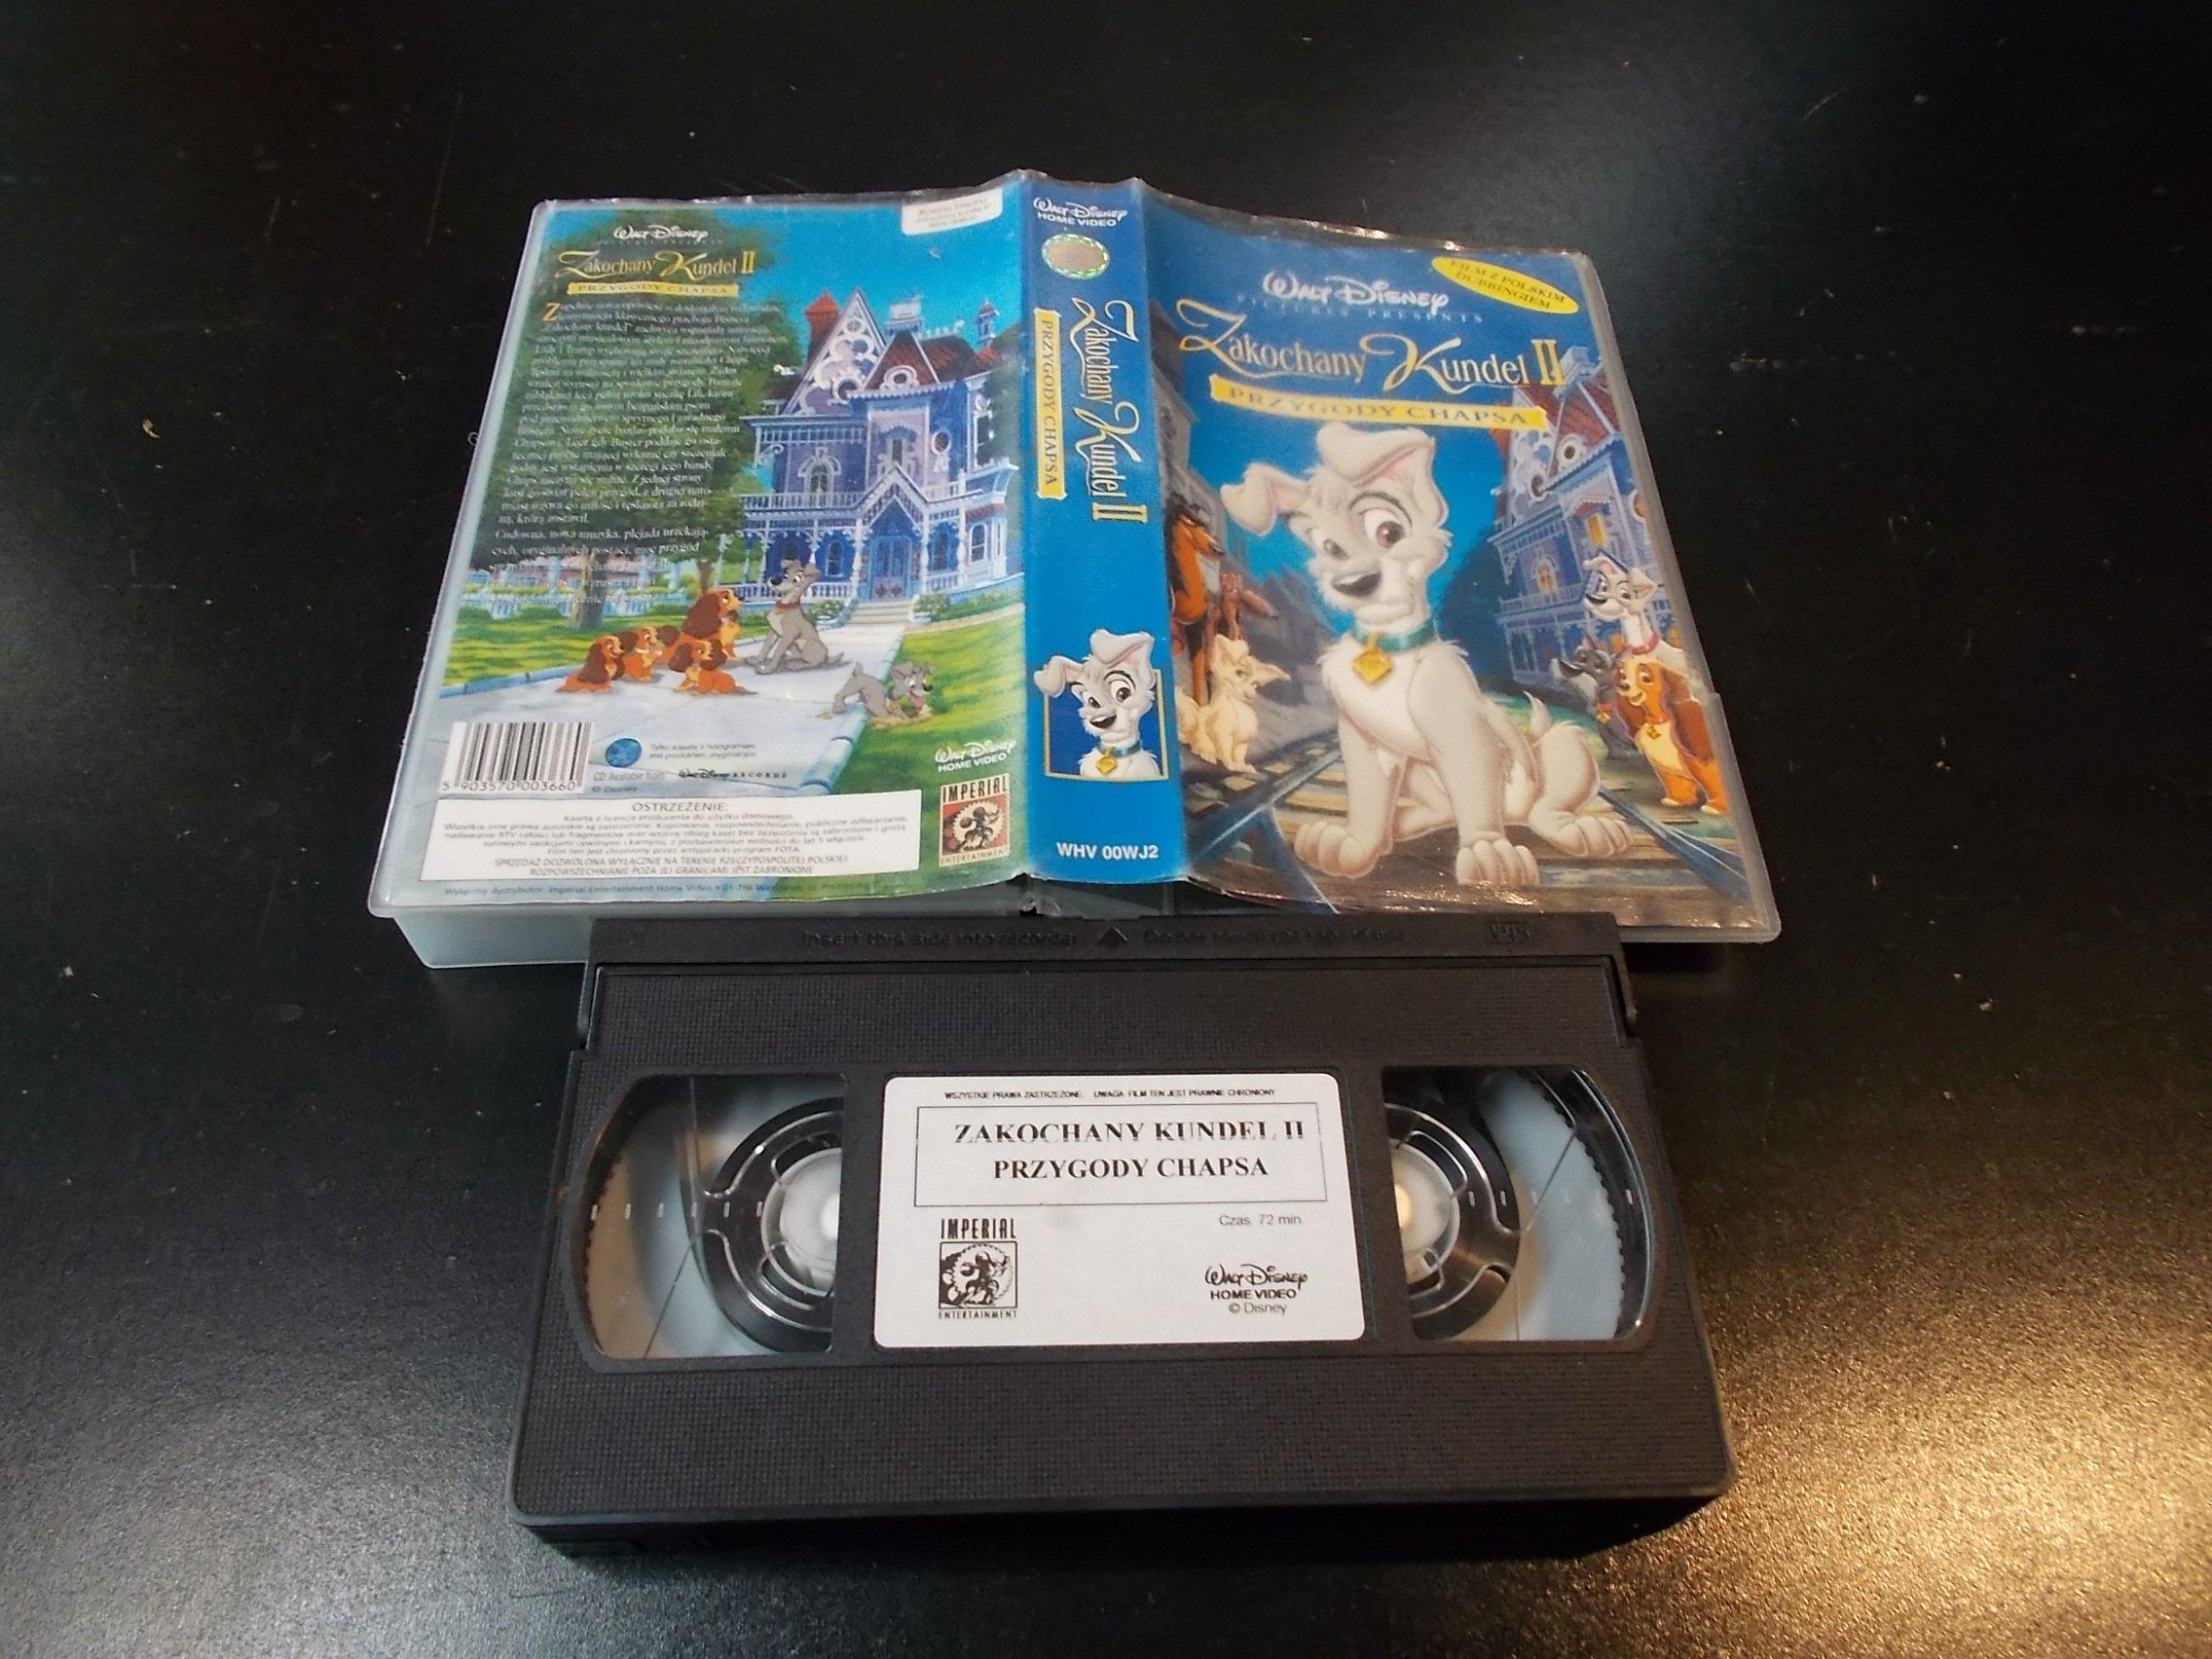 ZAKOCHANY KUNDEL 2 - kaseta Video VHS - 1345 Sklep